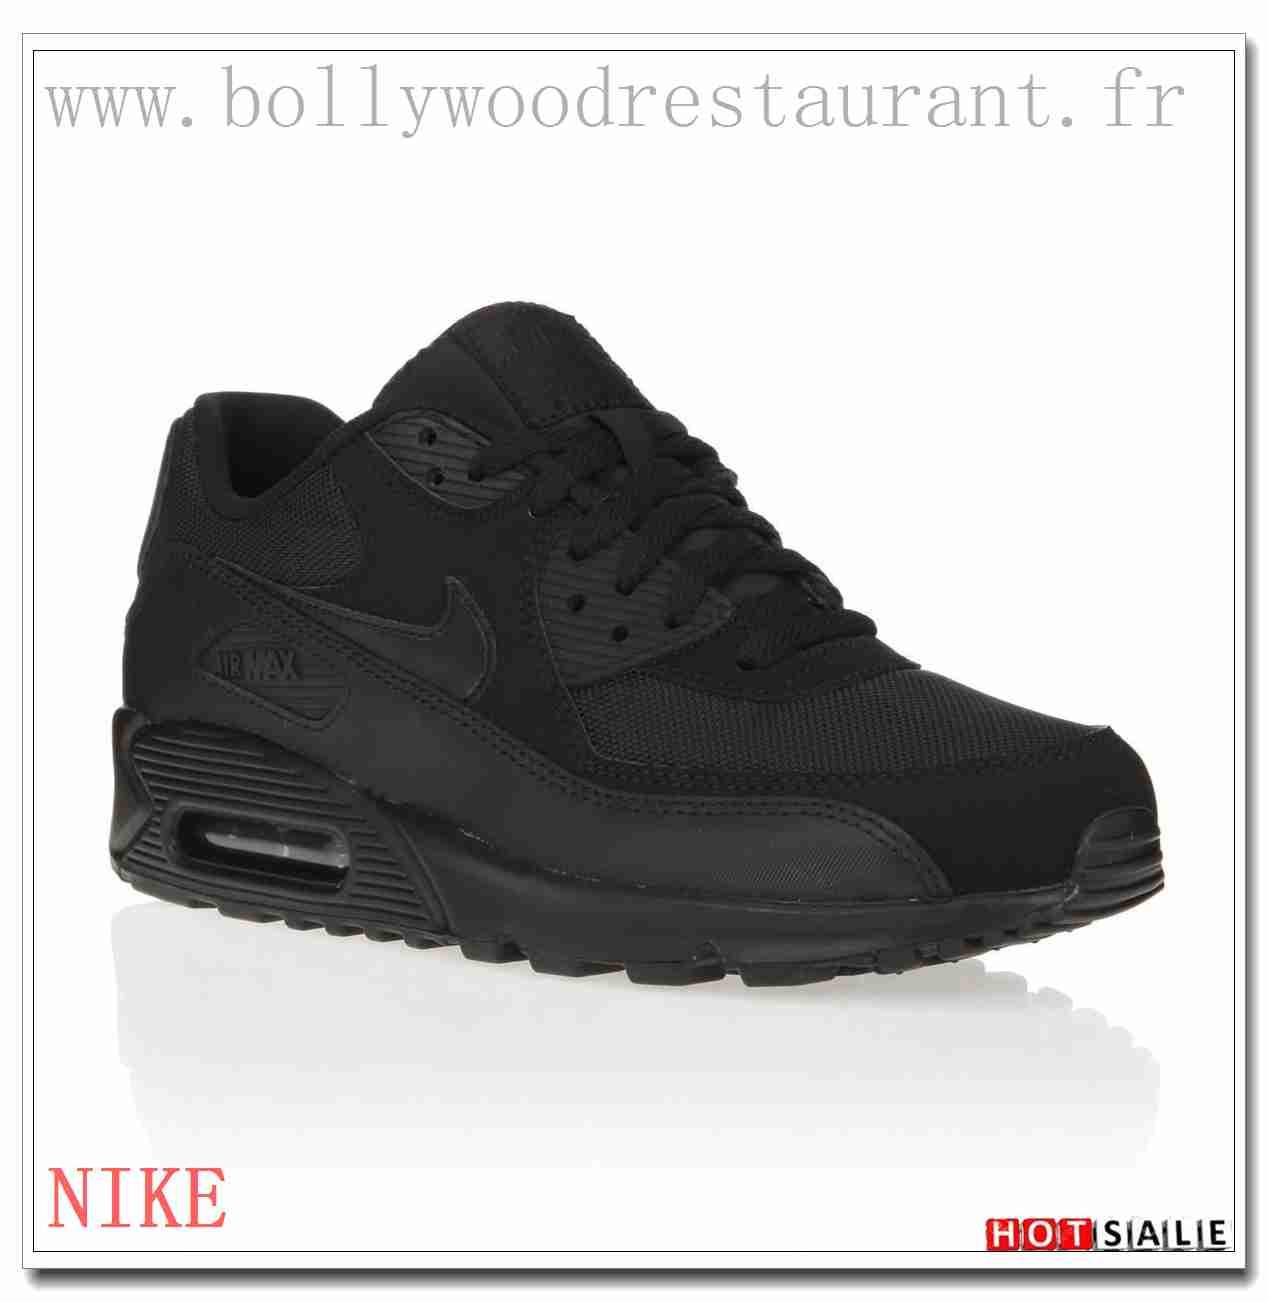 BI8326 Traitement résistant aux taches 2018 Nouveau style Nike Air Max 90 - Homme Chaussures - Noir Promotions Vente - H.K.Y.&222 - Taille : 40~44